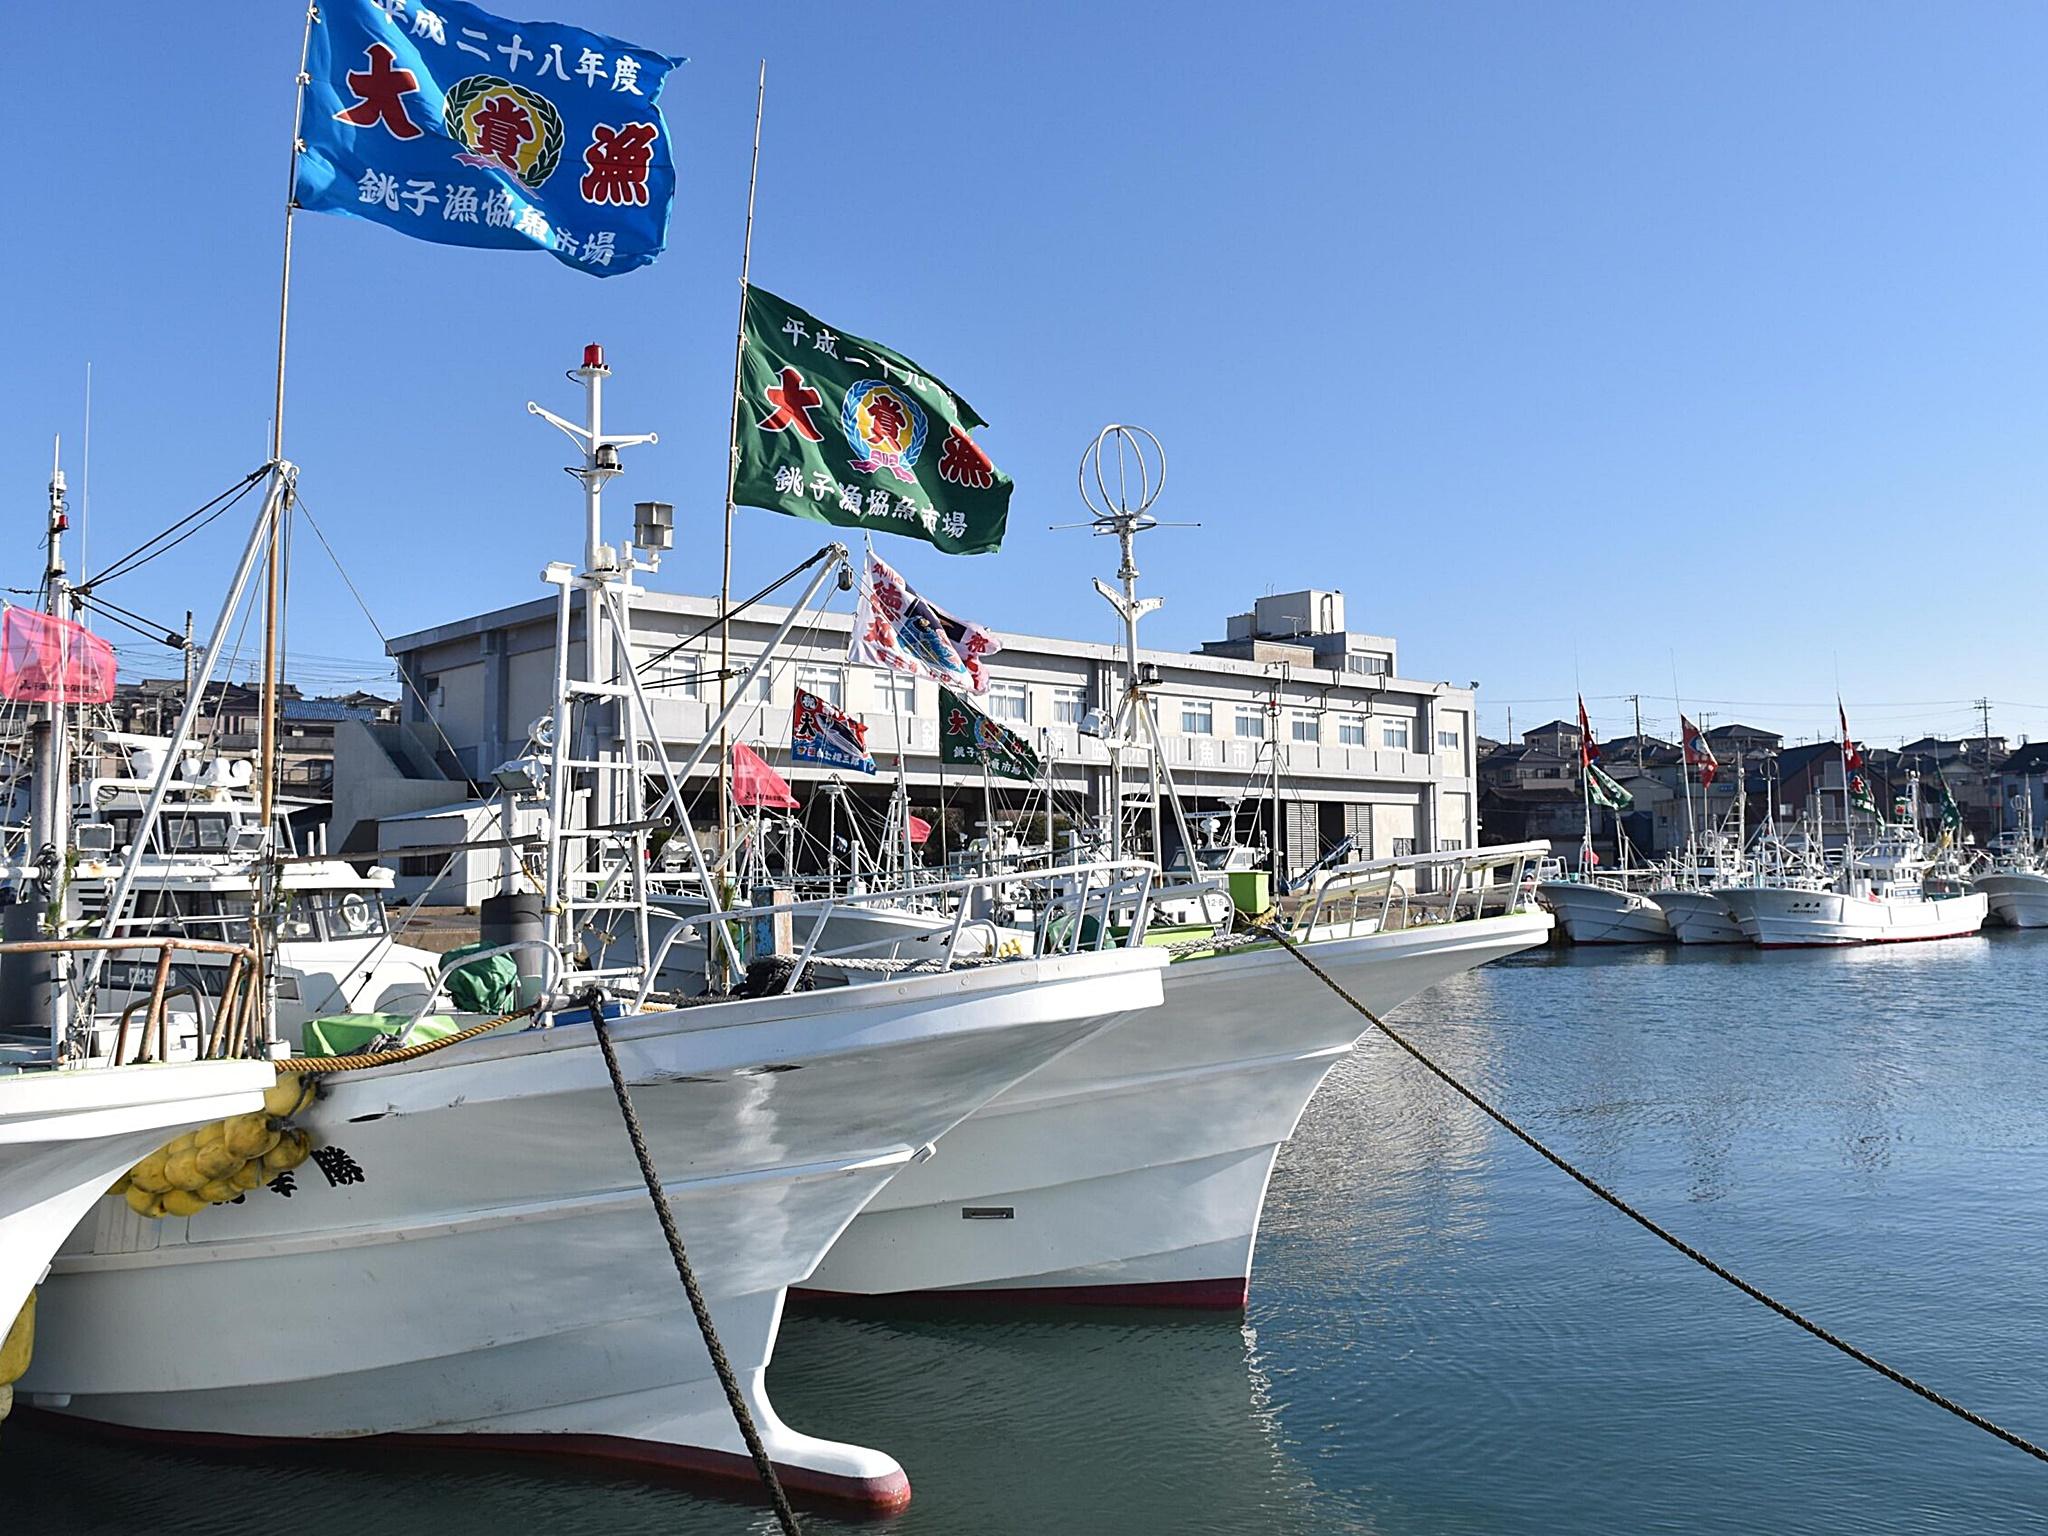 1外川漁港